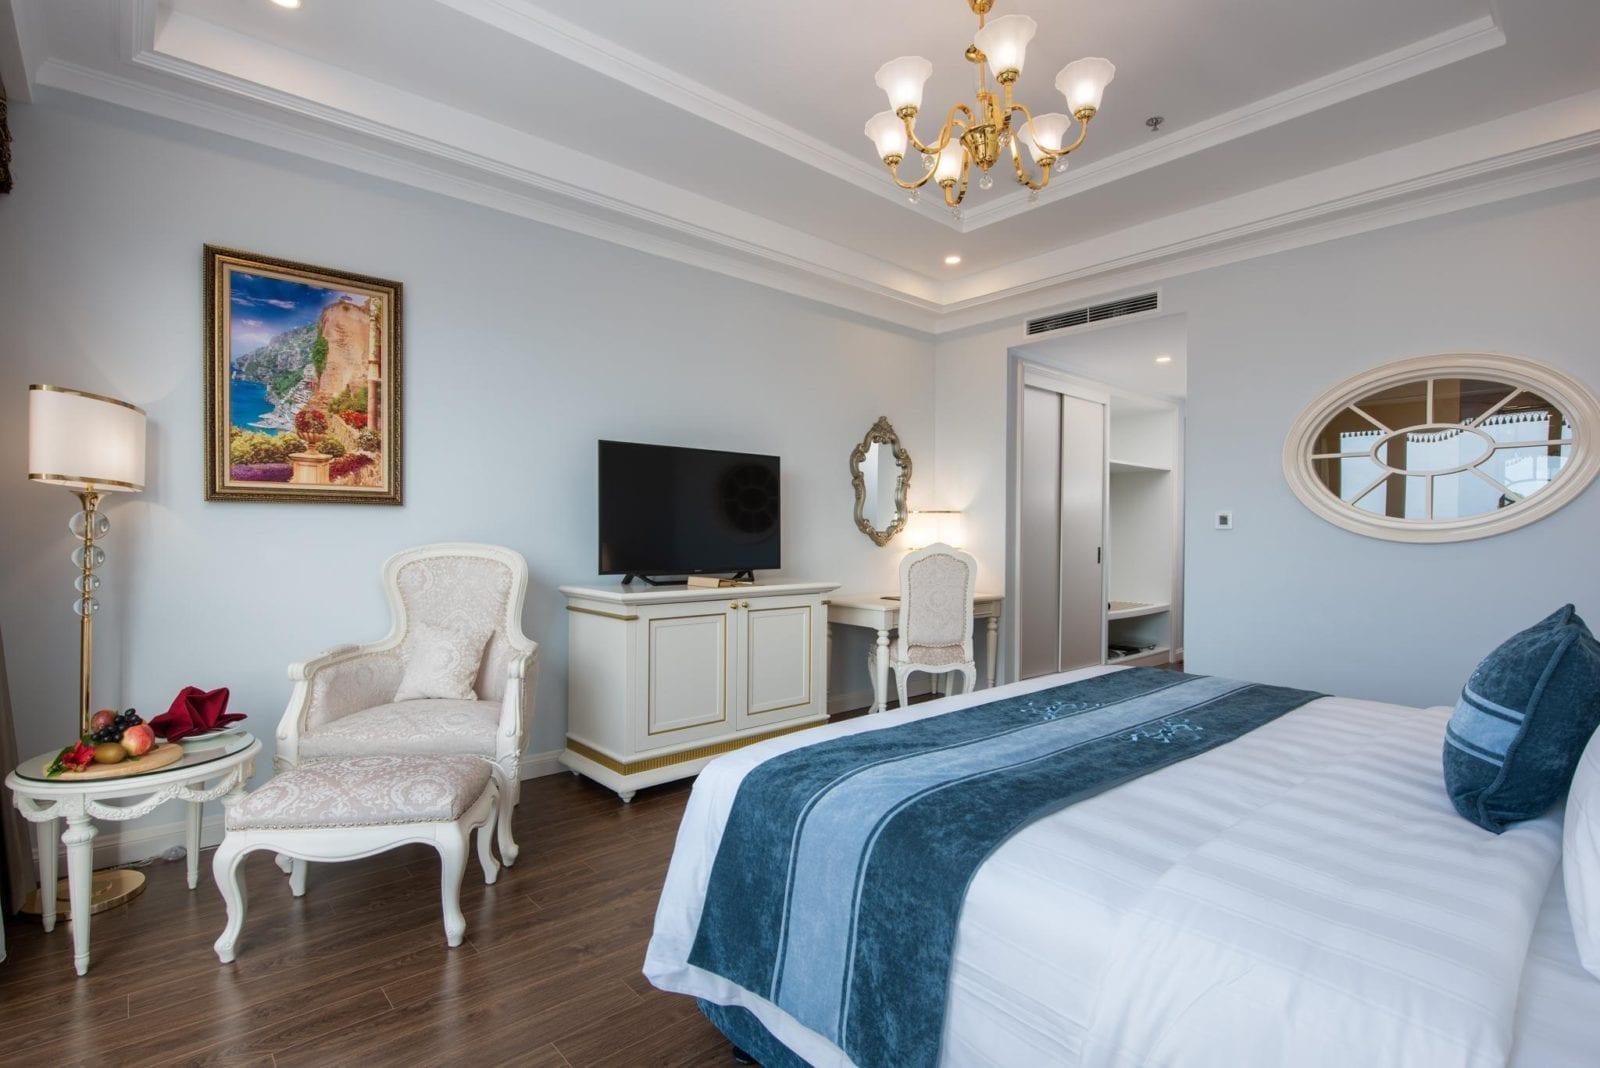 Room at Vinpearl Hotel Tay Ninh